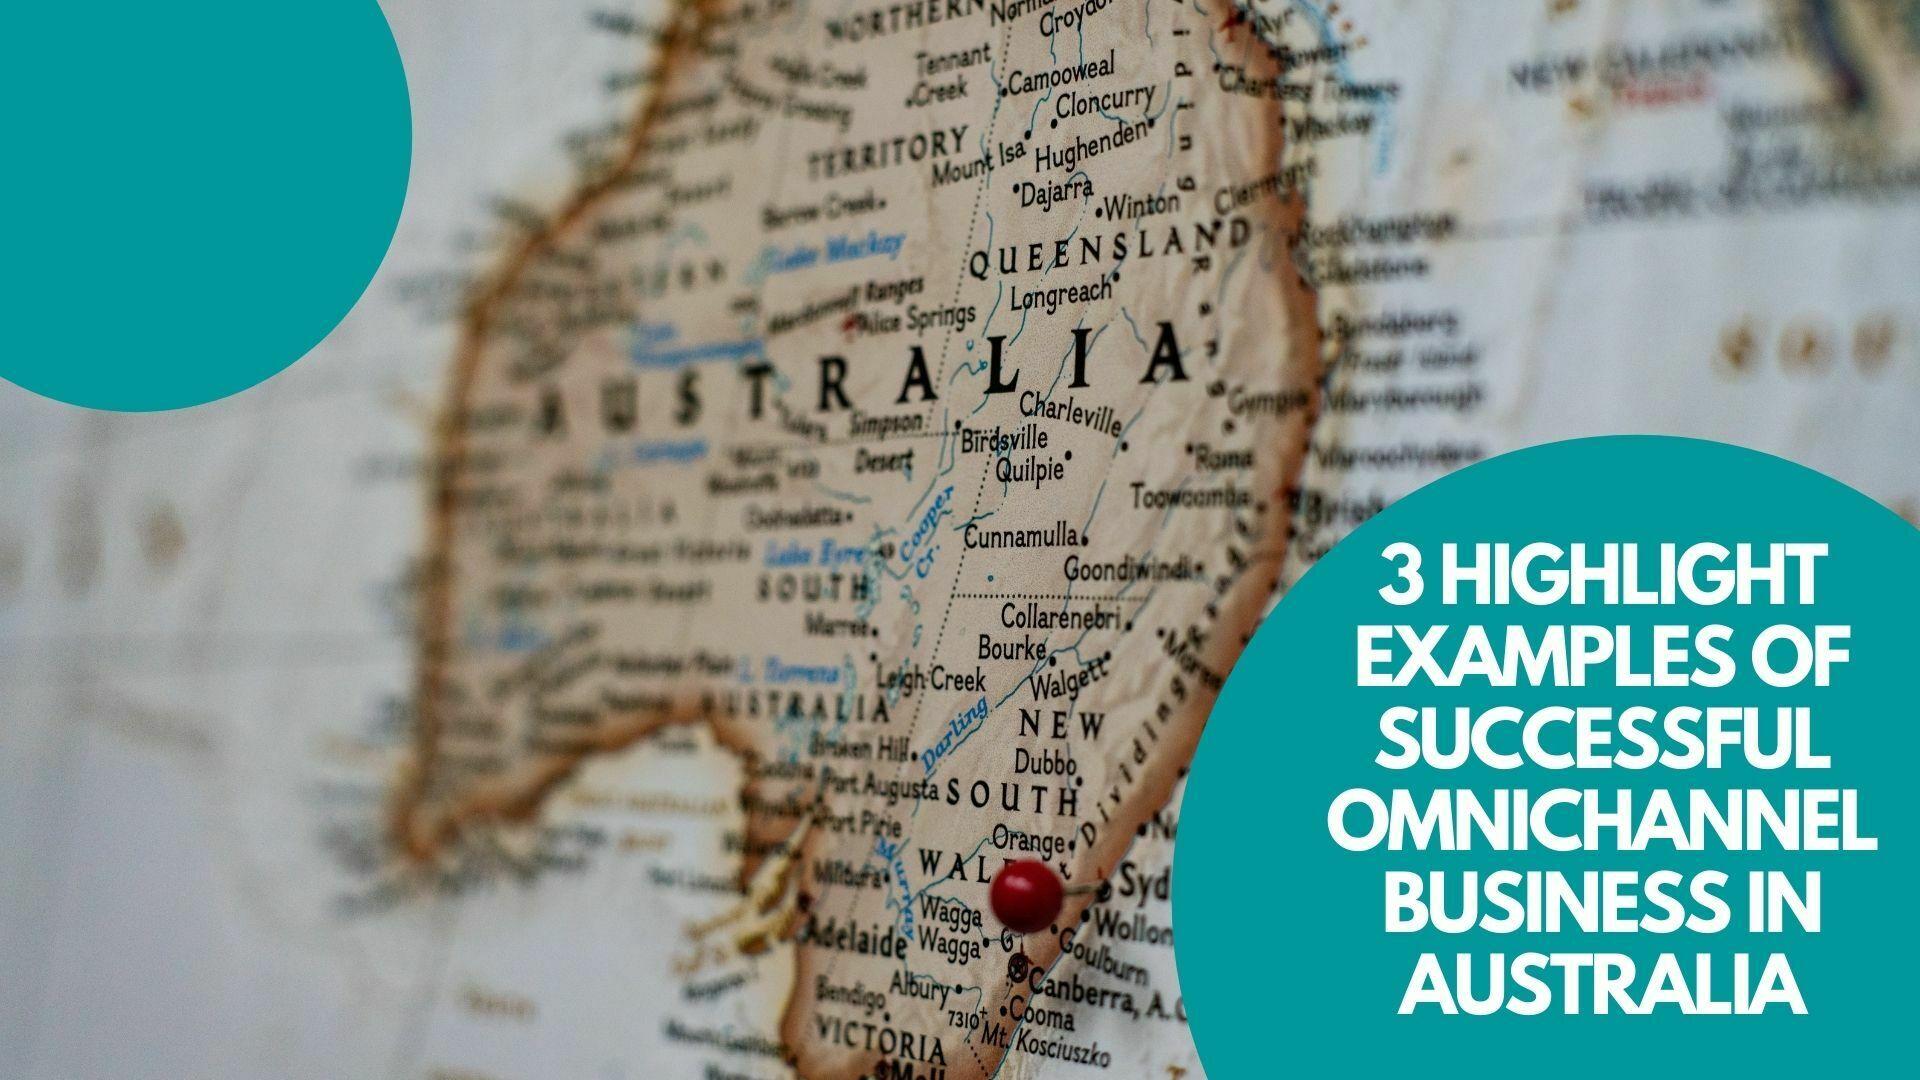 omnichannel business in Australia